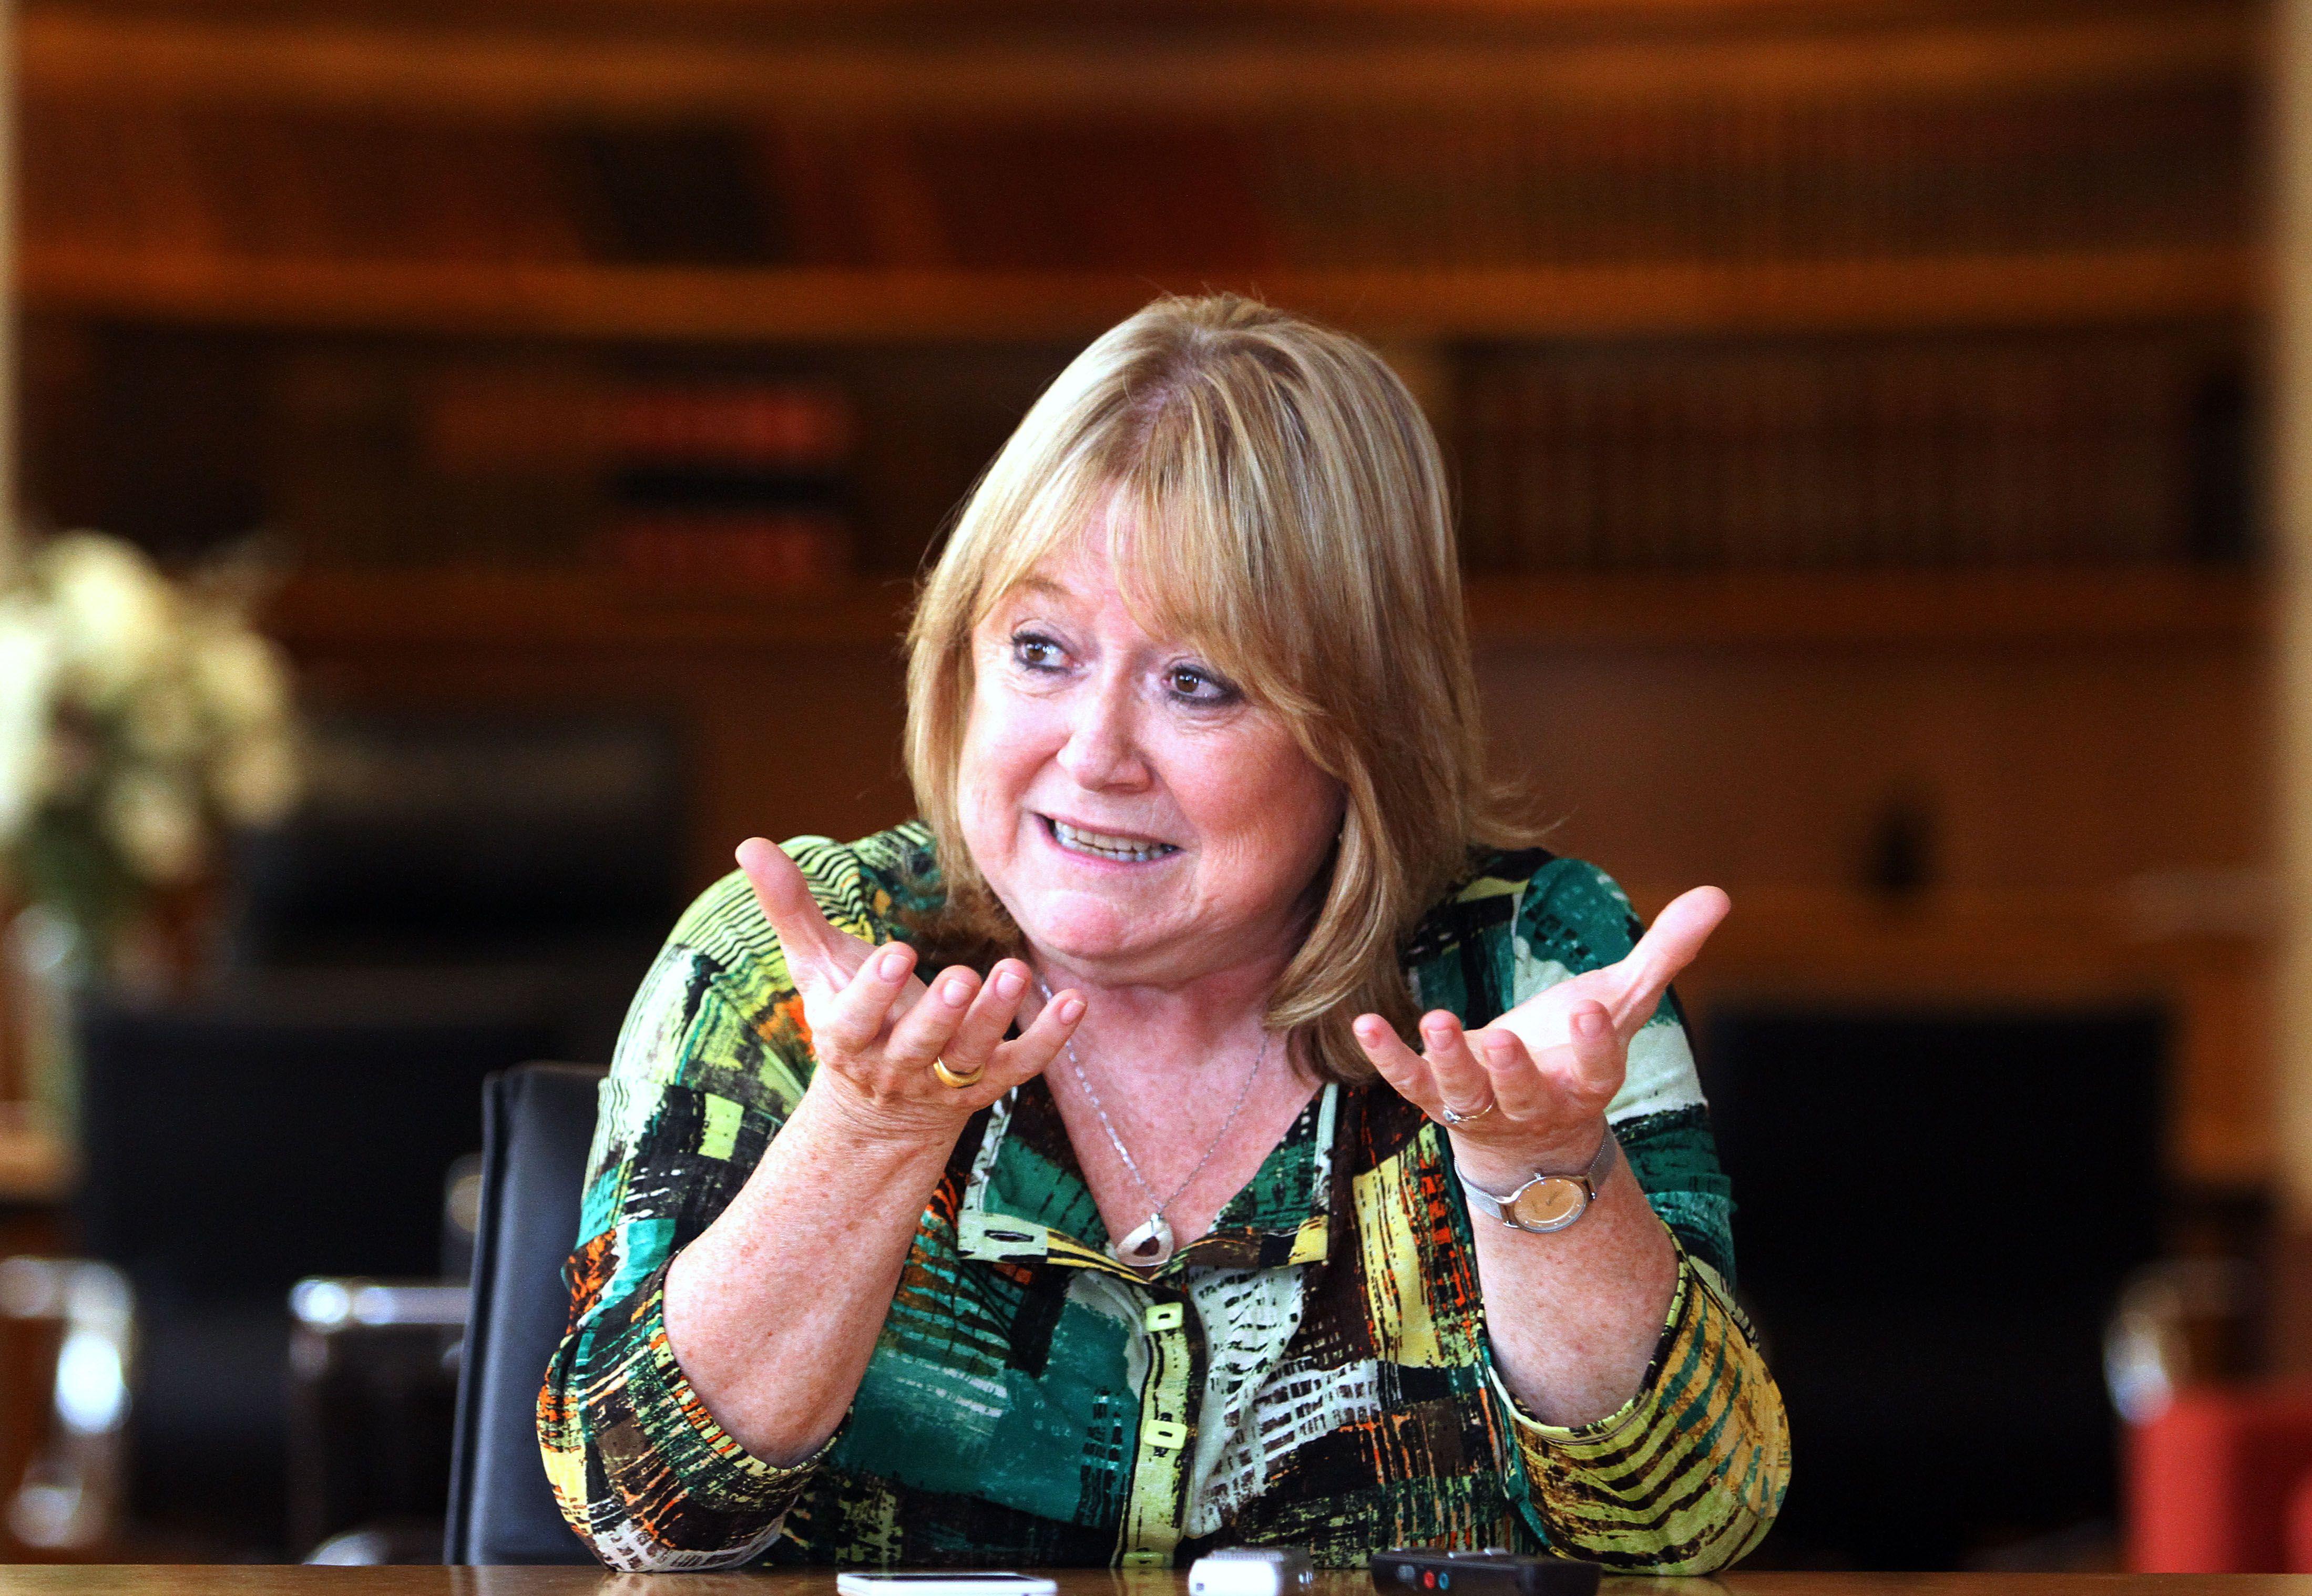 La canciller argentina Susana Malcorra forma parte de la delegación argentina que viajó a Davos.